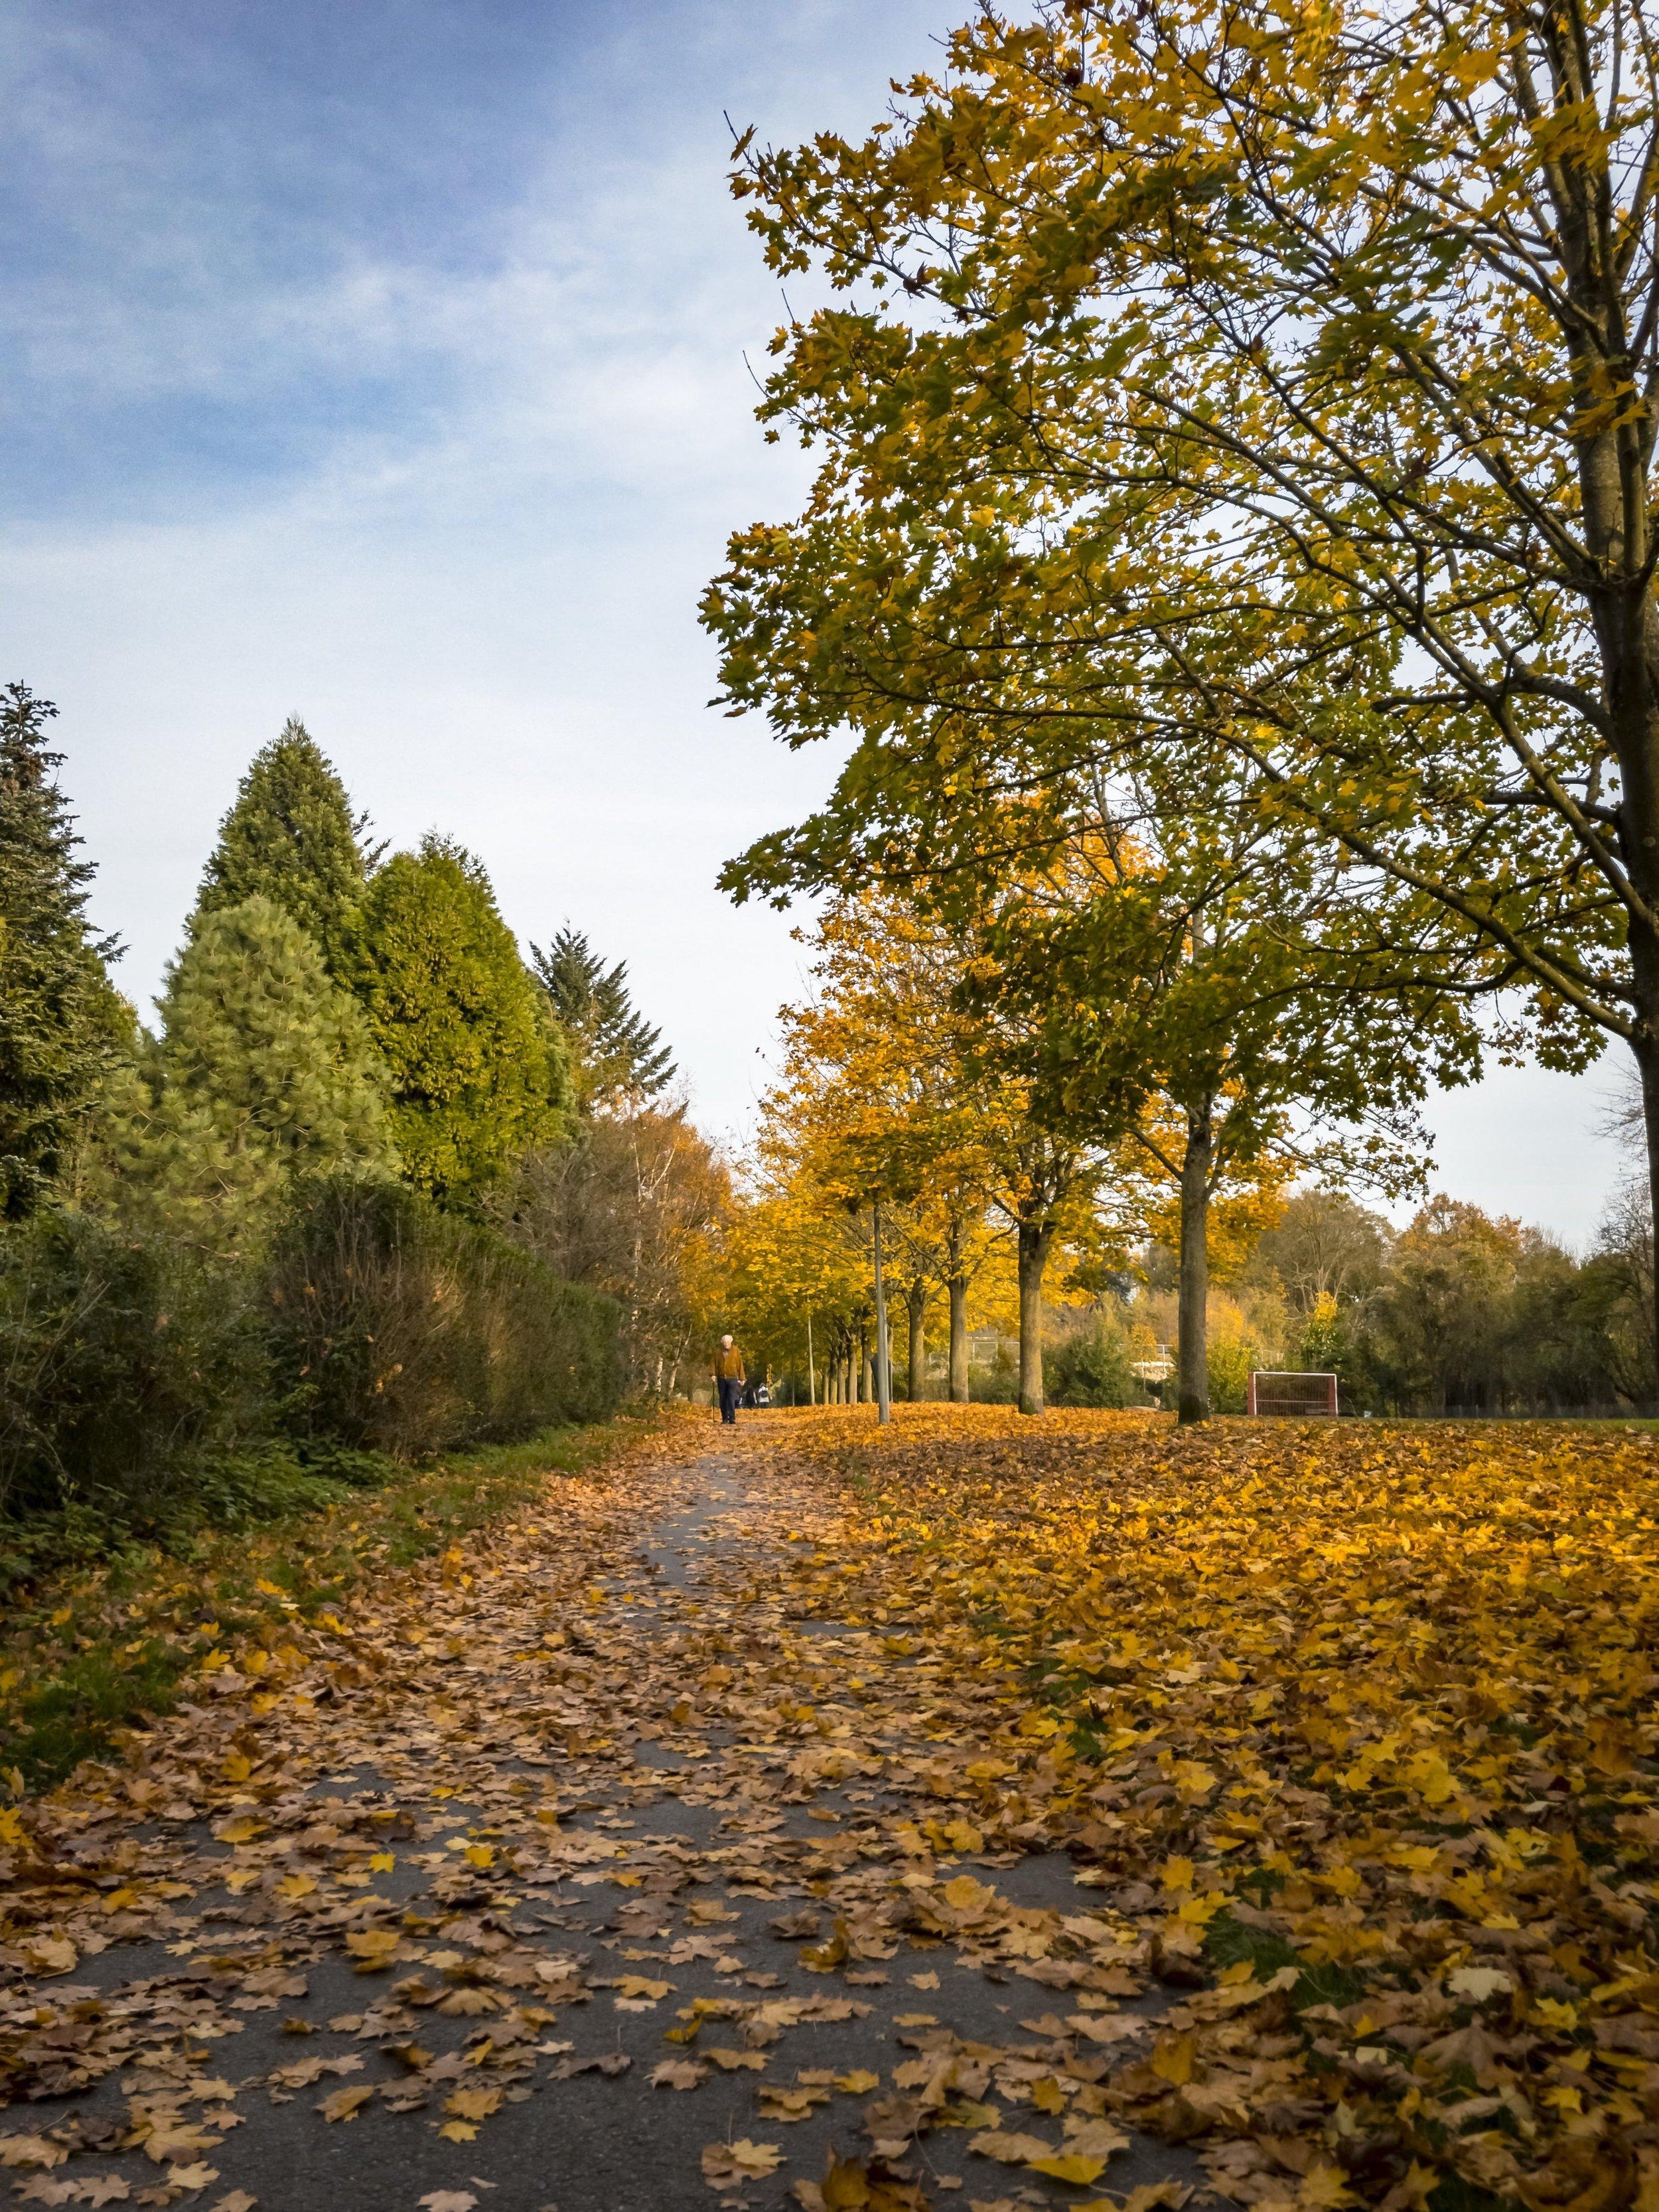 APC_0480-hdr 2 - Herbst ShotoniPhone Autumn Blätter Leaves Sun Sonne Light Threes Licht Bäume Baum Stadt Osnabrück.jpg